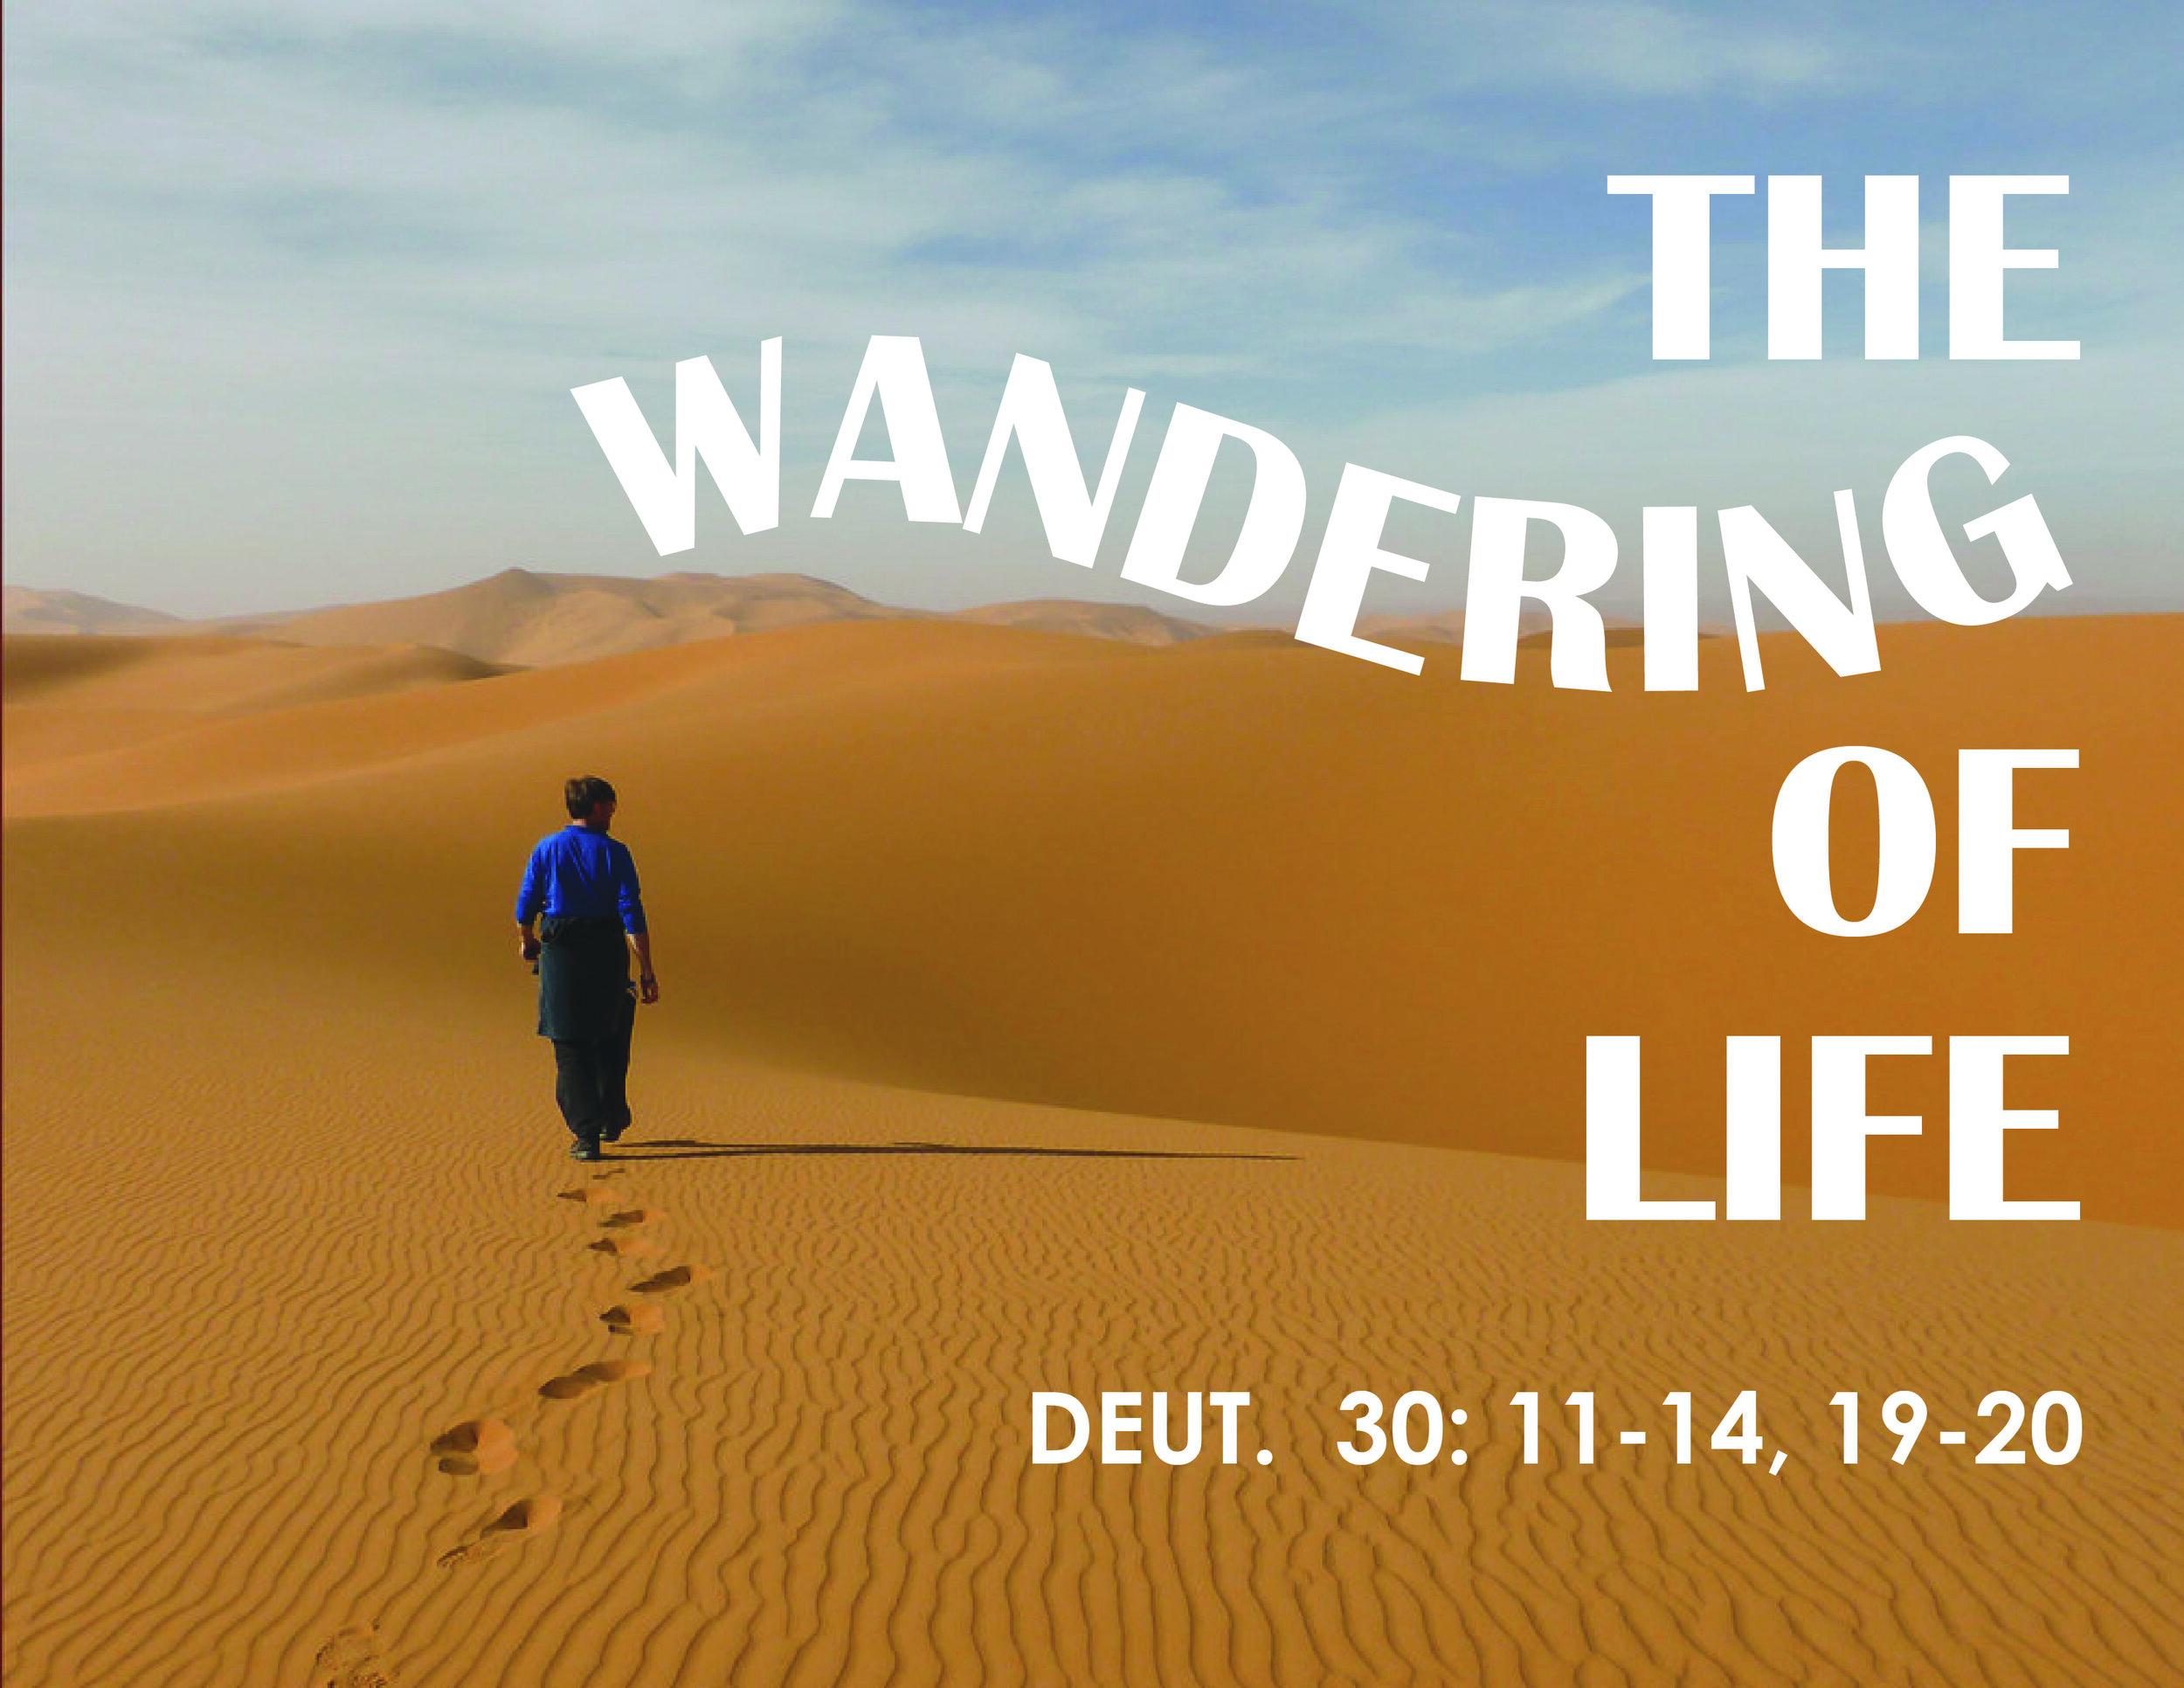 wandering-01.jpg